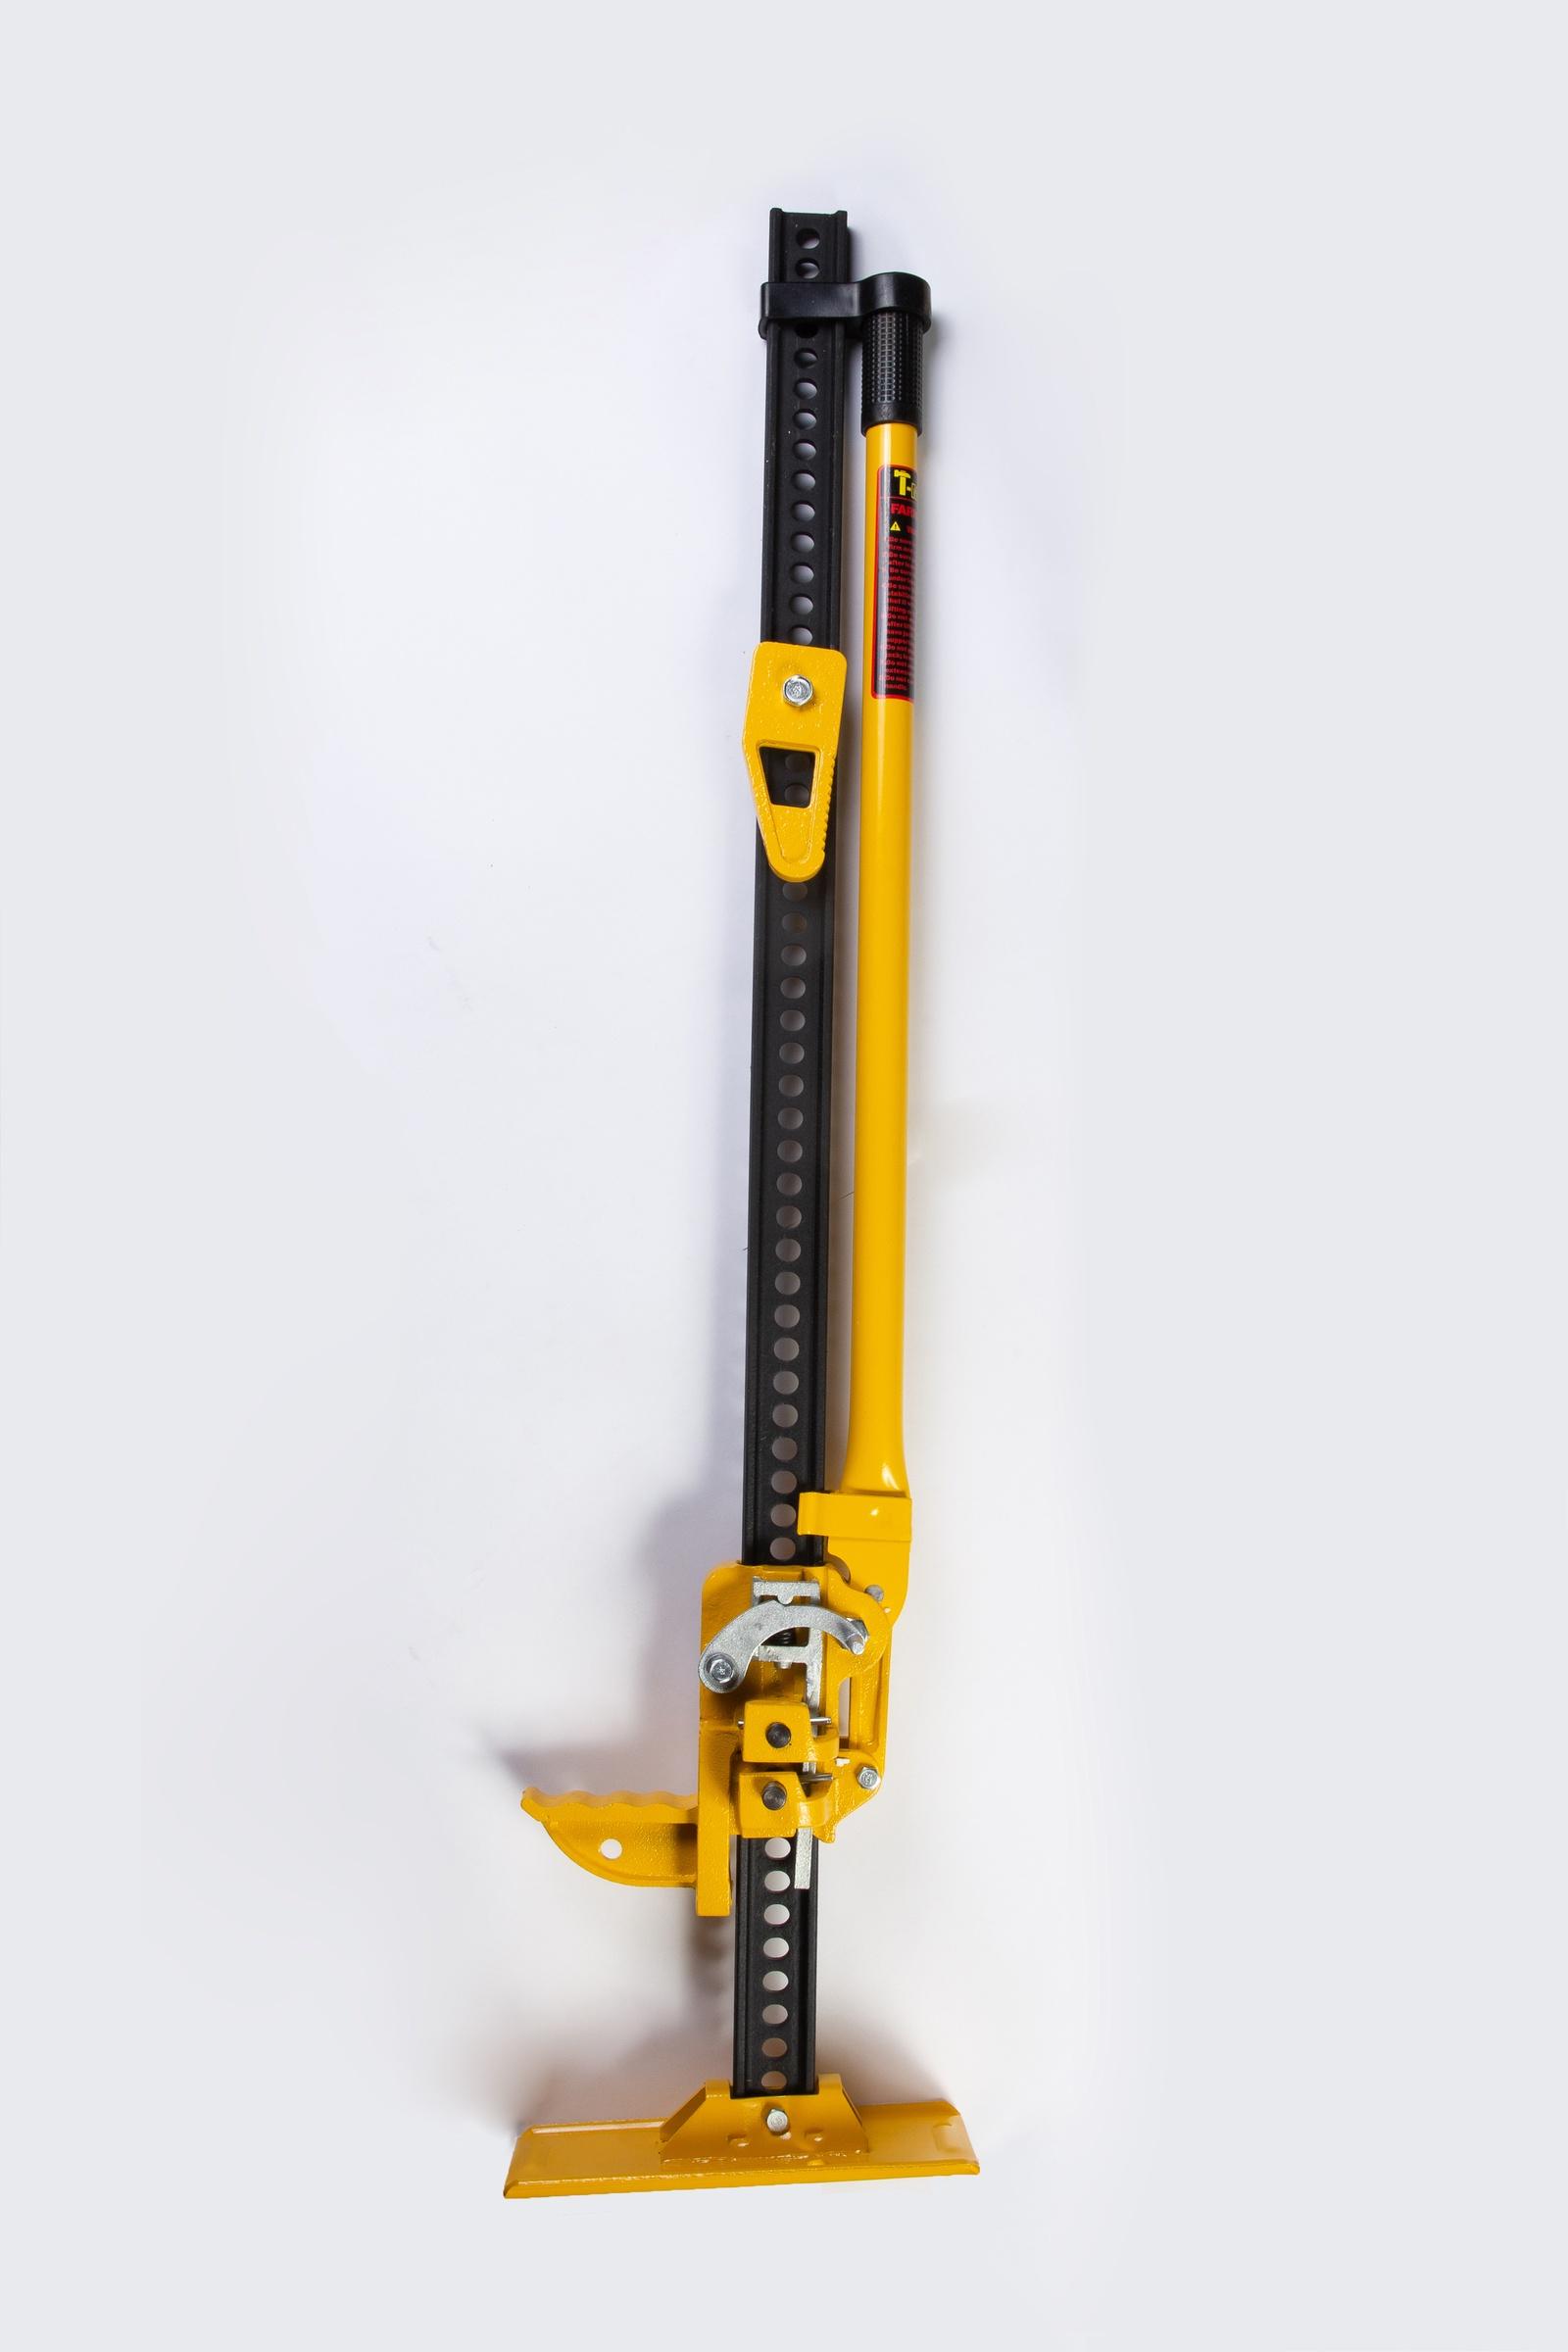 Реечный домкрат T-Max Домкрат реечный 120 см, желтый цена